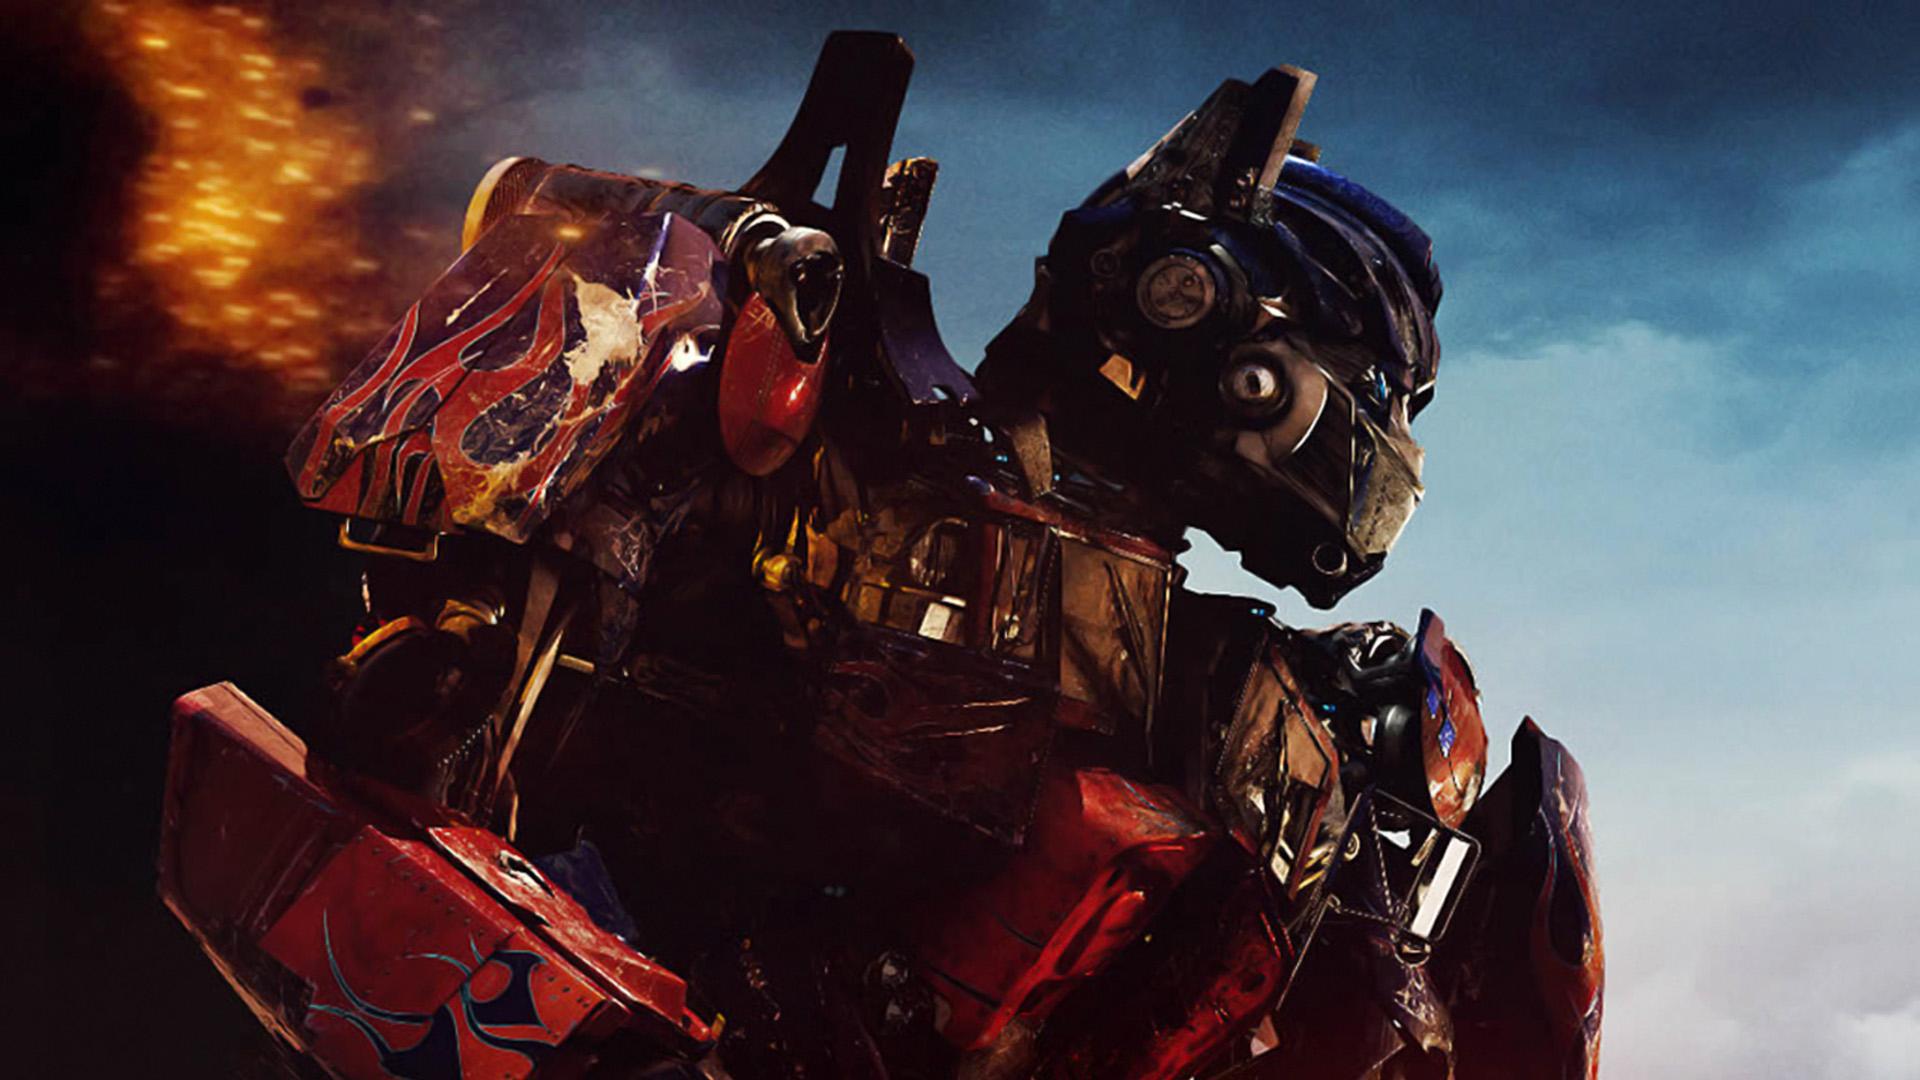 transformers 2 optimus prime wallpaper 174527